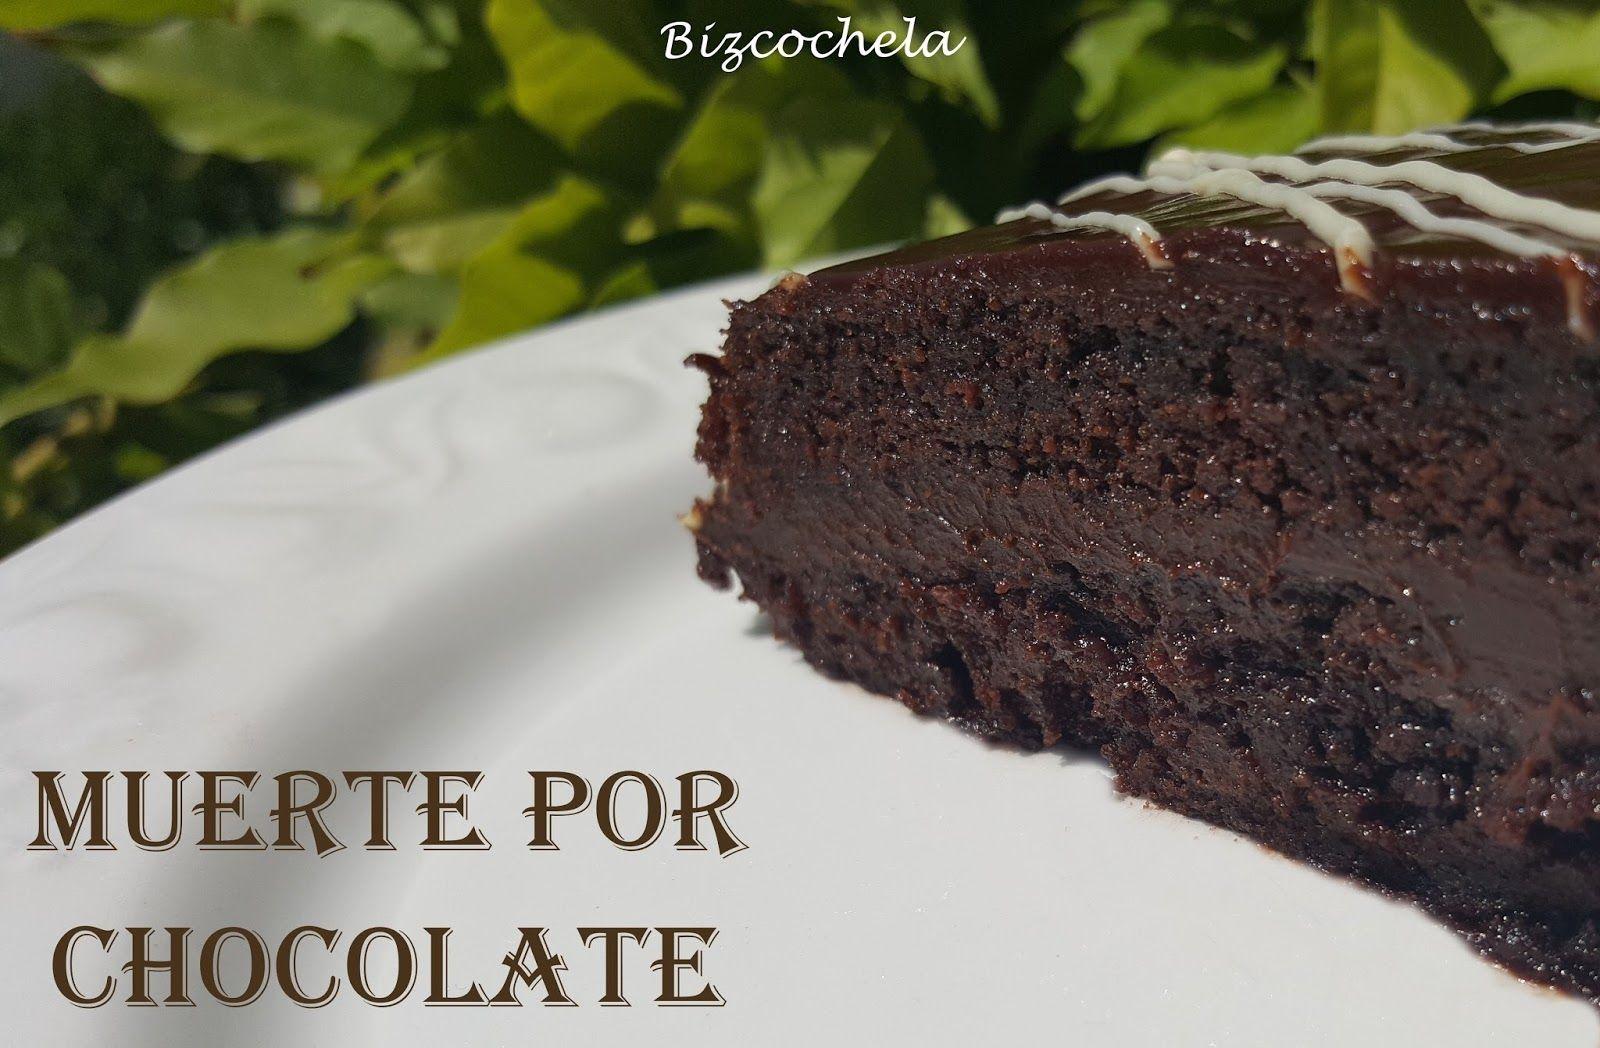 Ya Es Viernes De Nuevo Y Para Mantener Las Buenas Costumbres La Receta Dulce De La S Muerte Por Chocolate Tarta Muerte Por Chocolate Pasteles Deliciosos